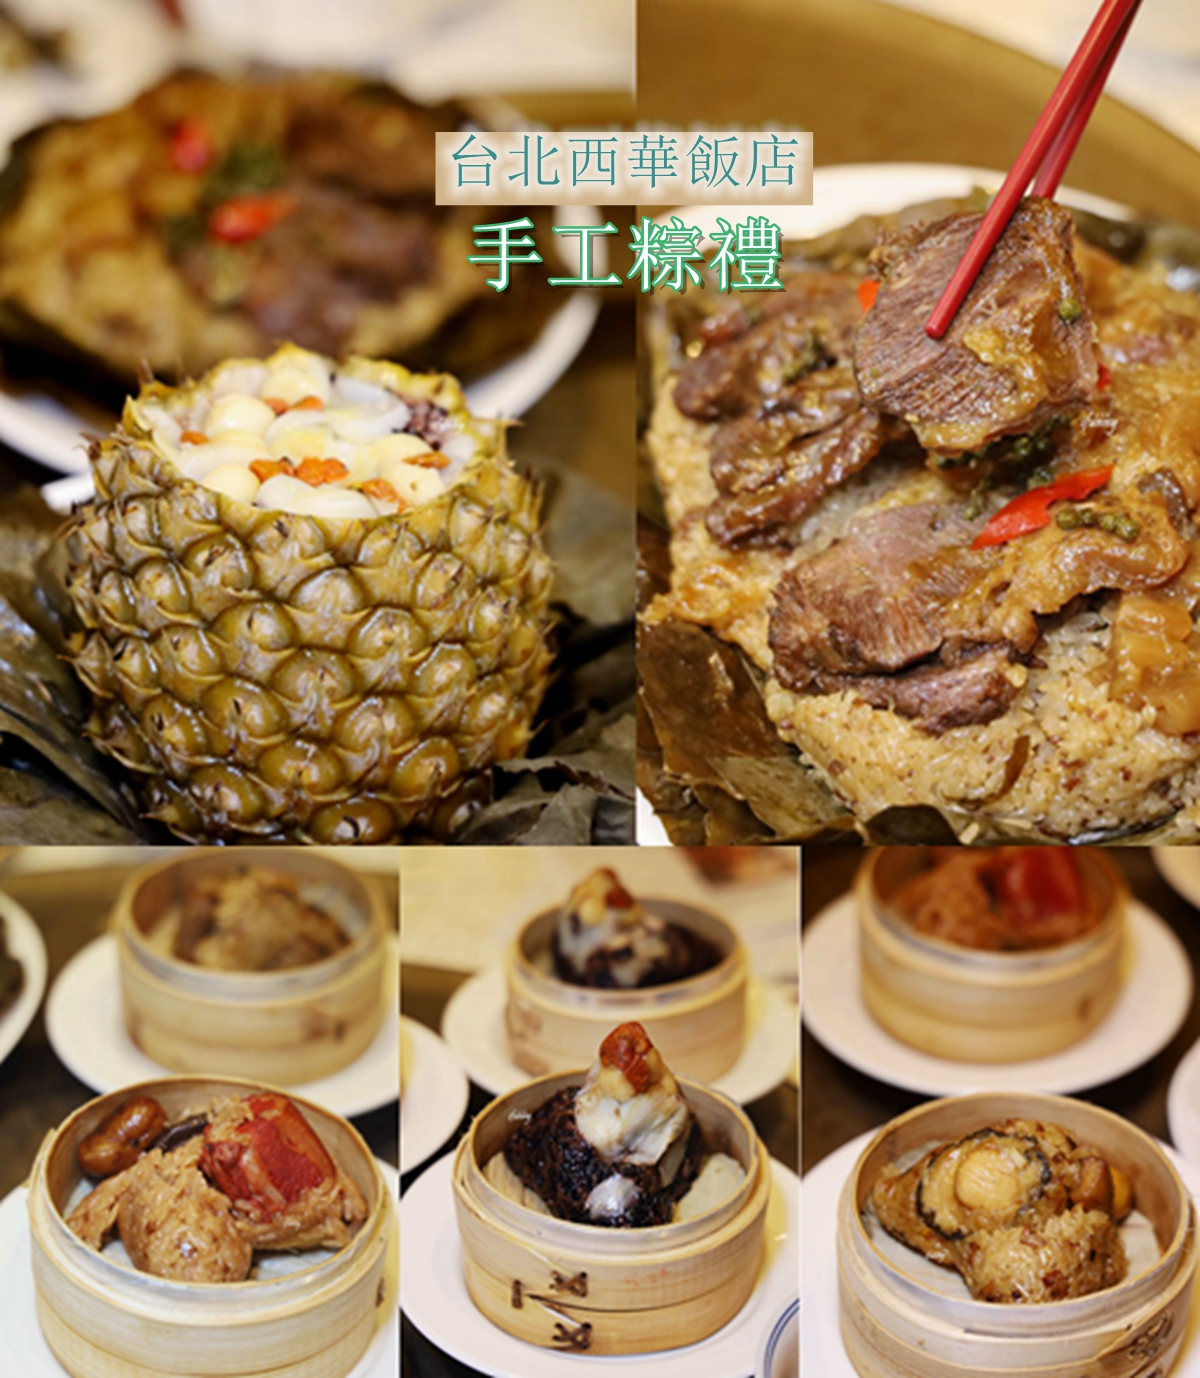 端午節粽子推薦 | 台北西華飯店手工粽禮 牛年限定和牛「犇牛粽」 整顆鳳梨製成「粽旺所歸」